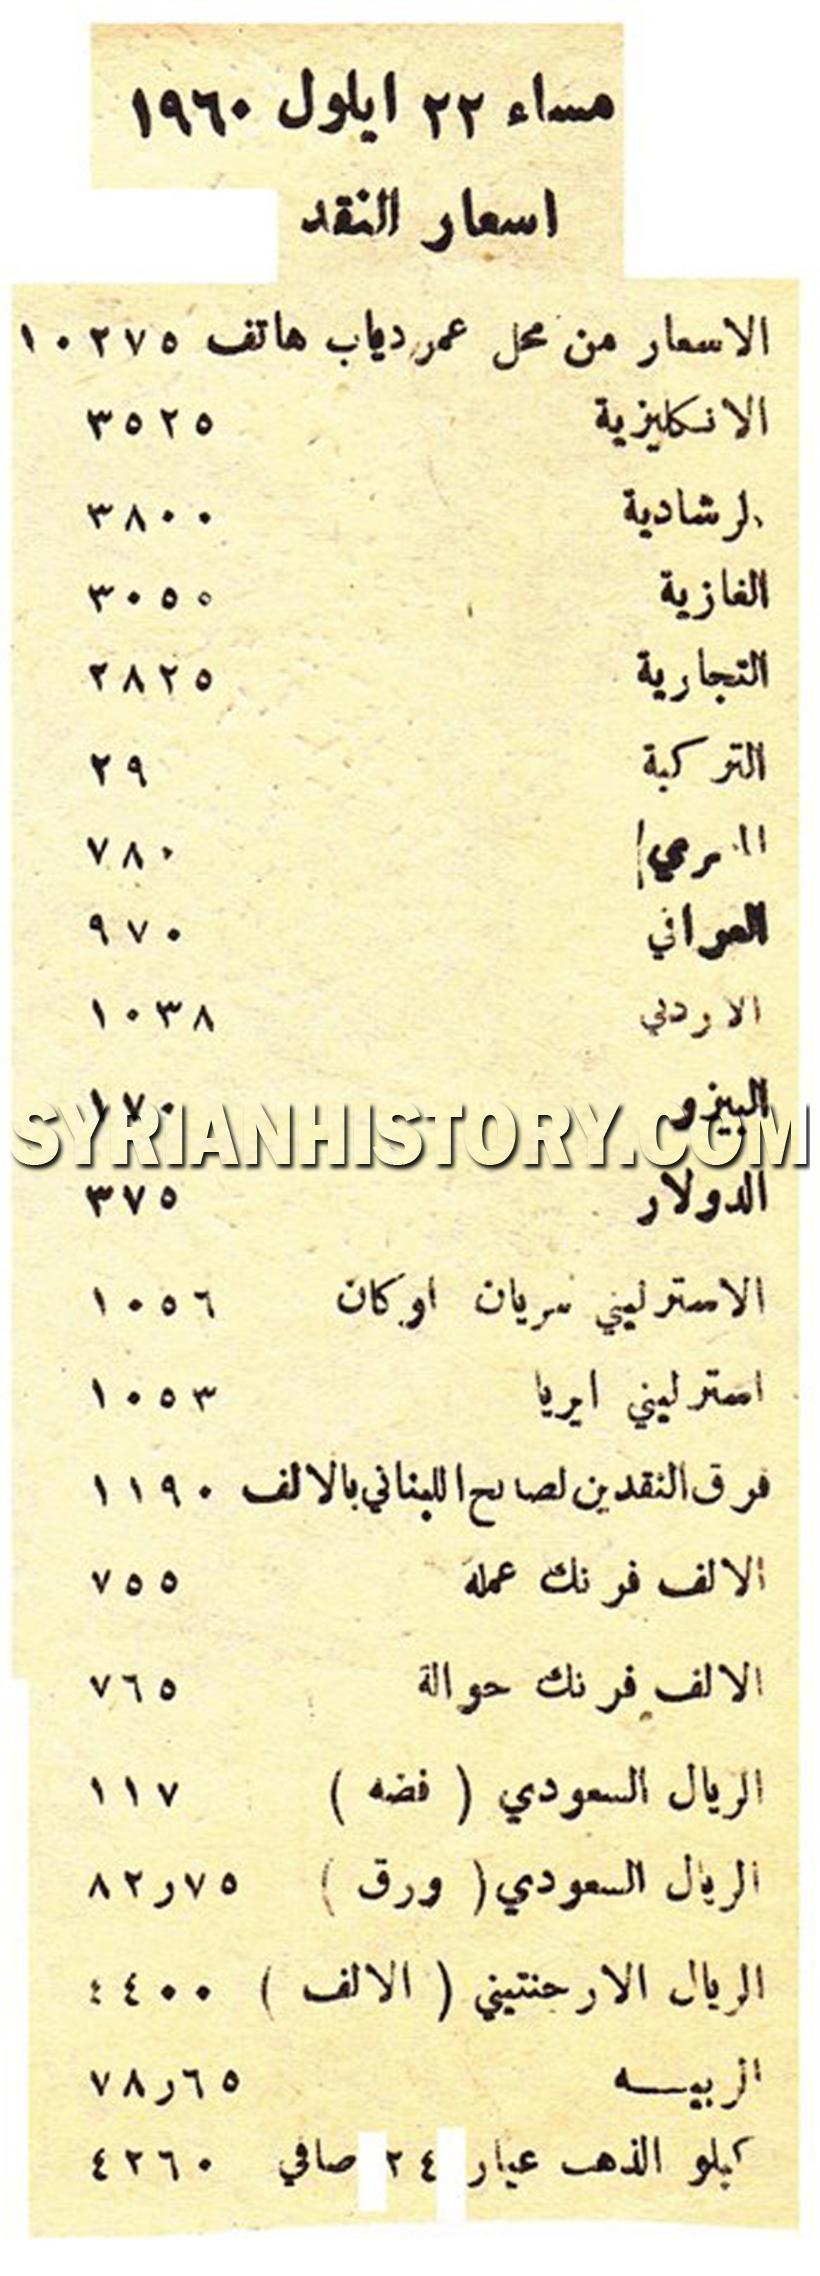 التاريخ السوري سعر صرف الليرة السورية مساء 22 آيلول 1960